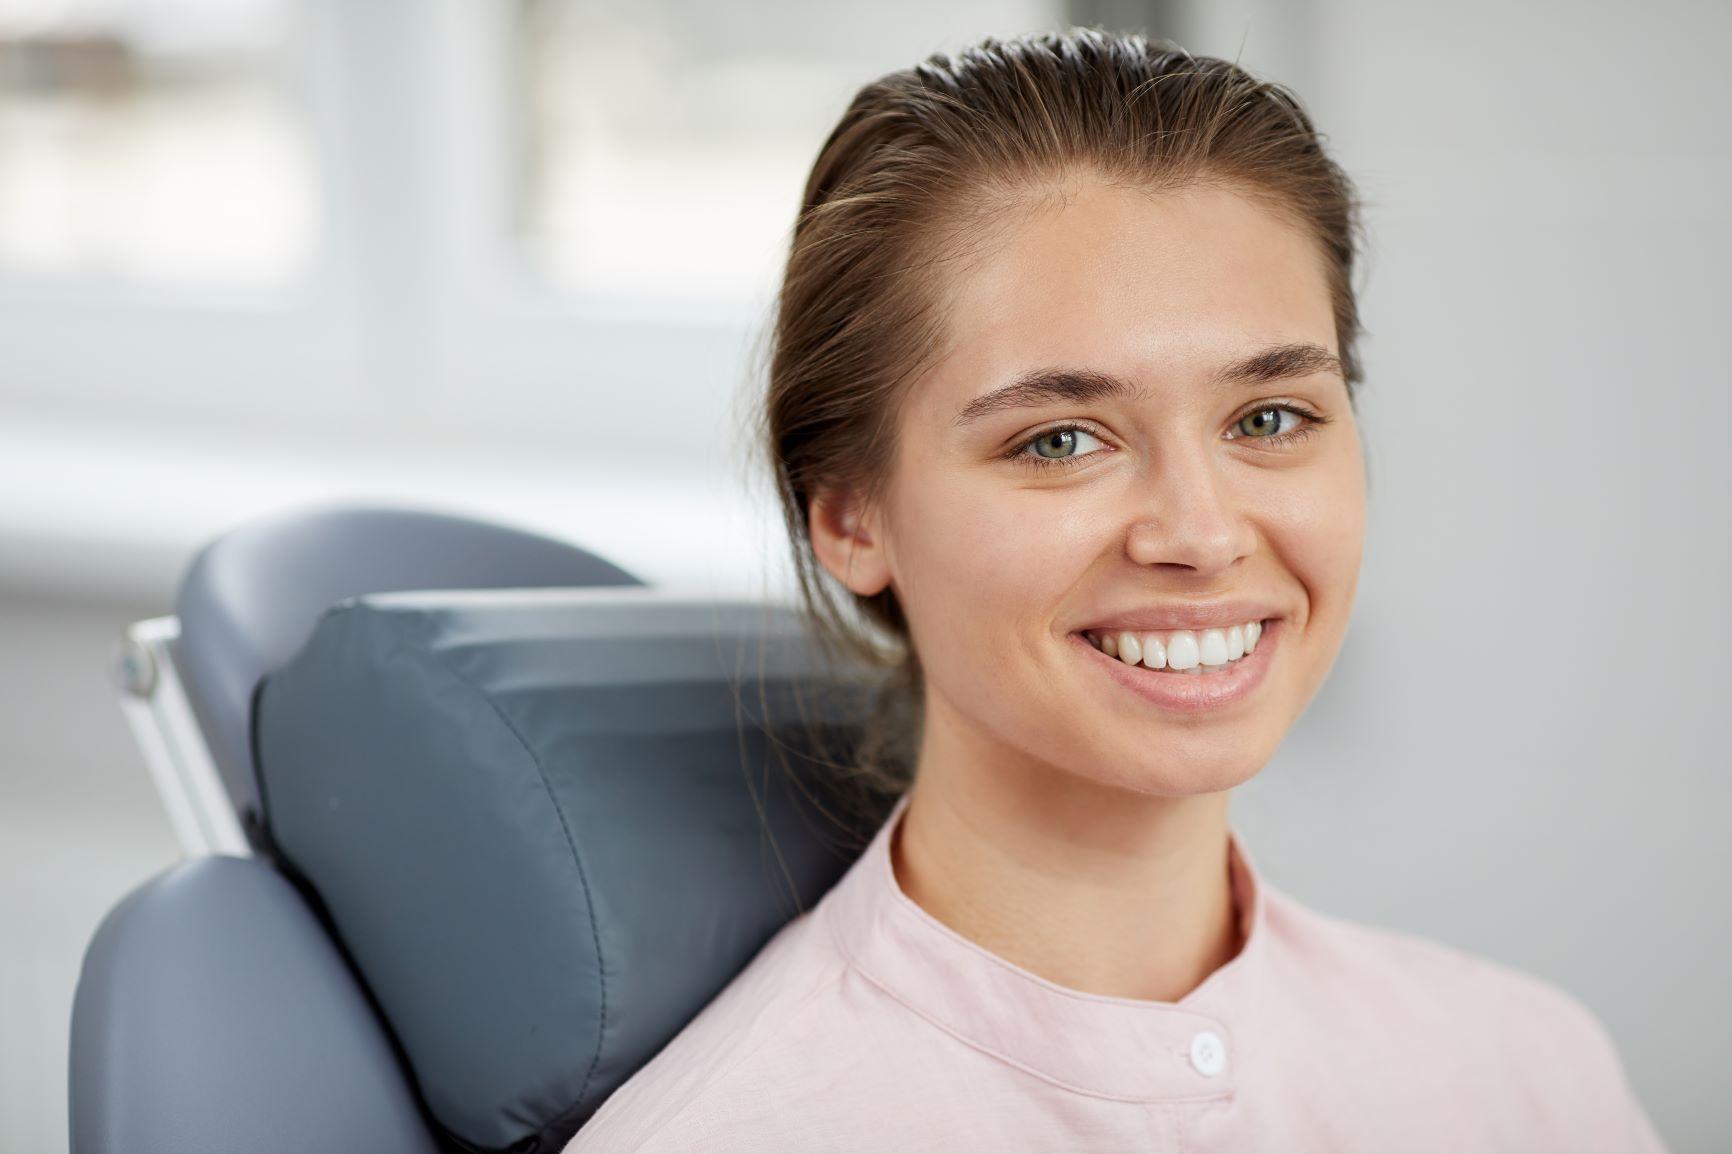 Lo que es bueno saber sobre blanqueamiento de los dientes